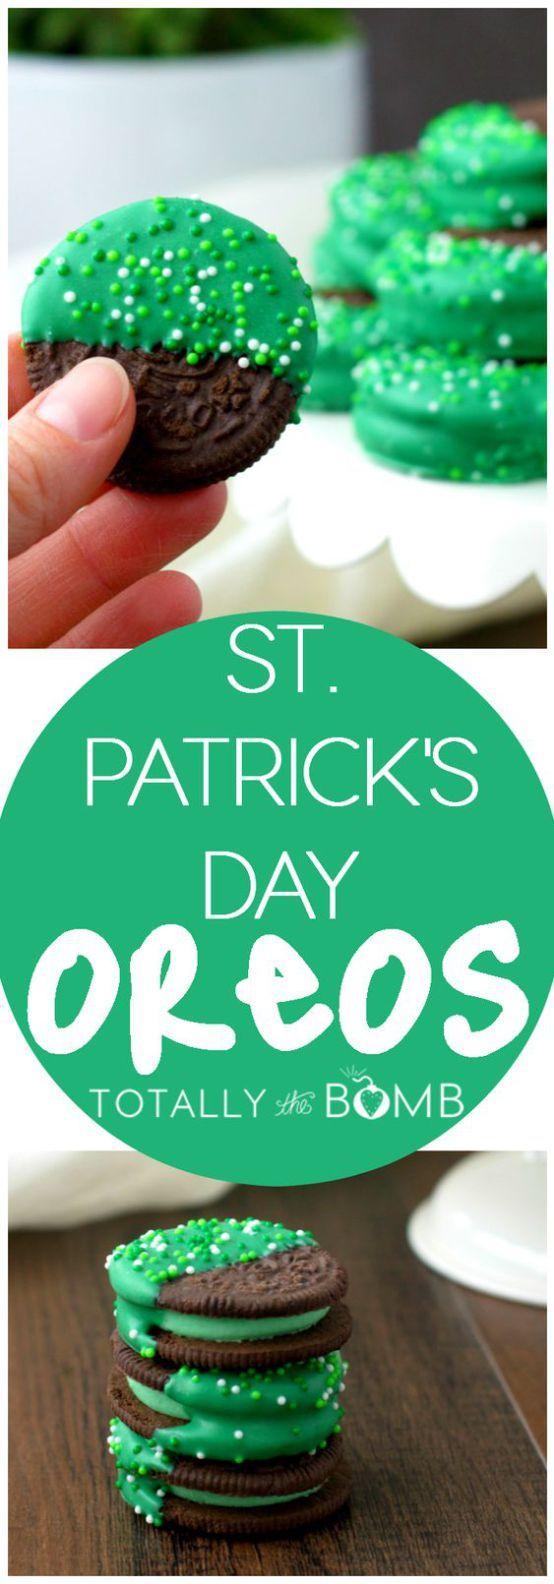 St. Patrick's Day Mint Dipped Oreos - Green Treats Recipe via Totally the Bomb